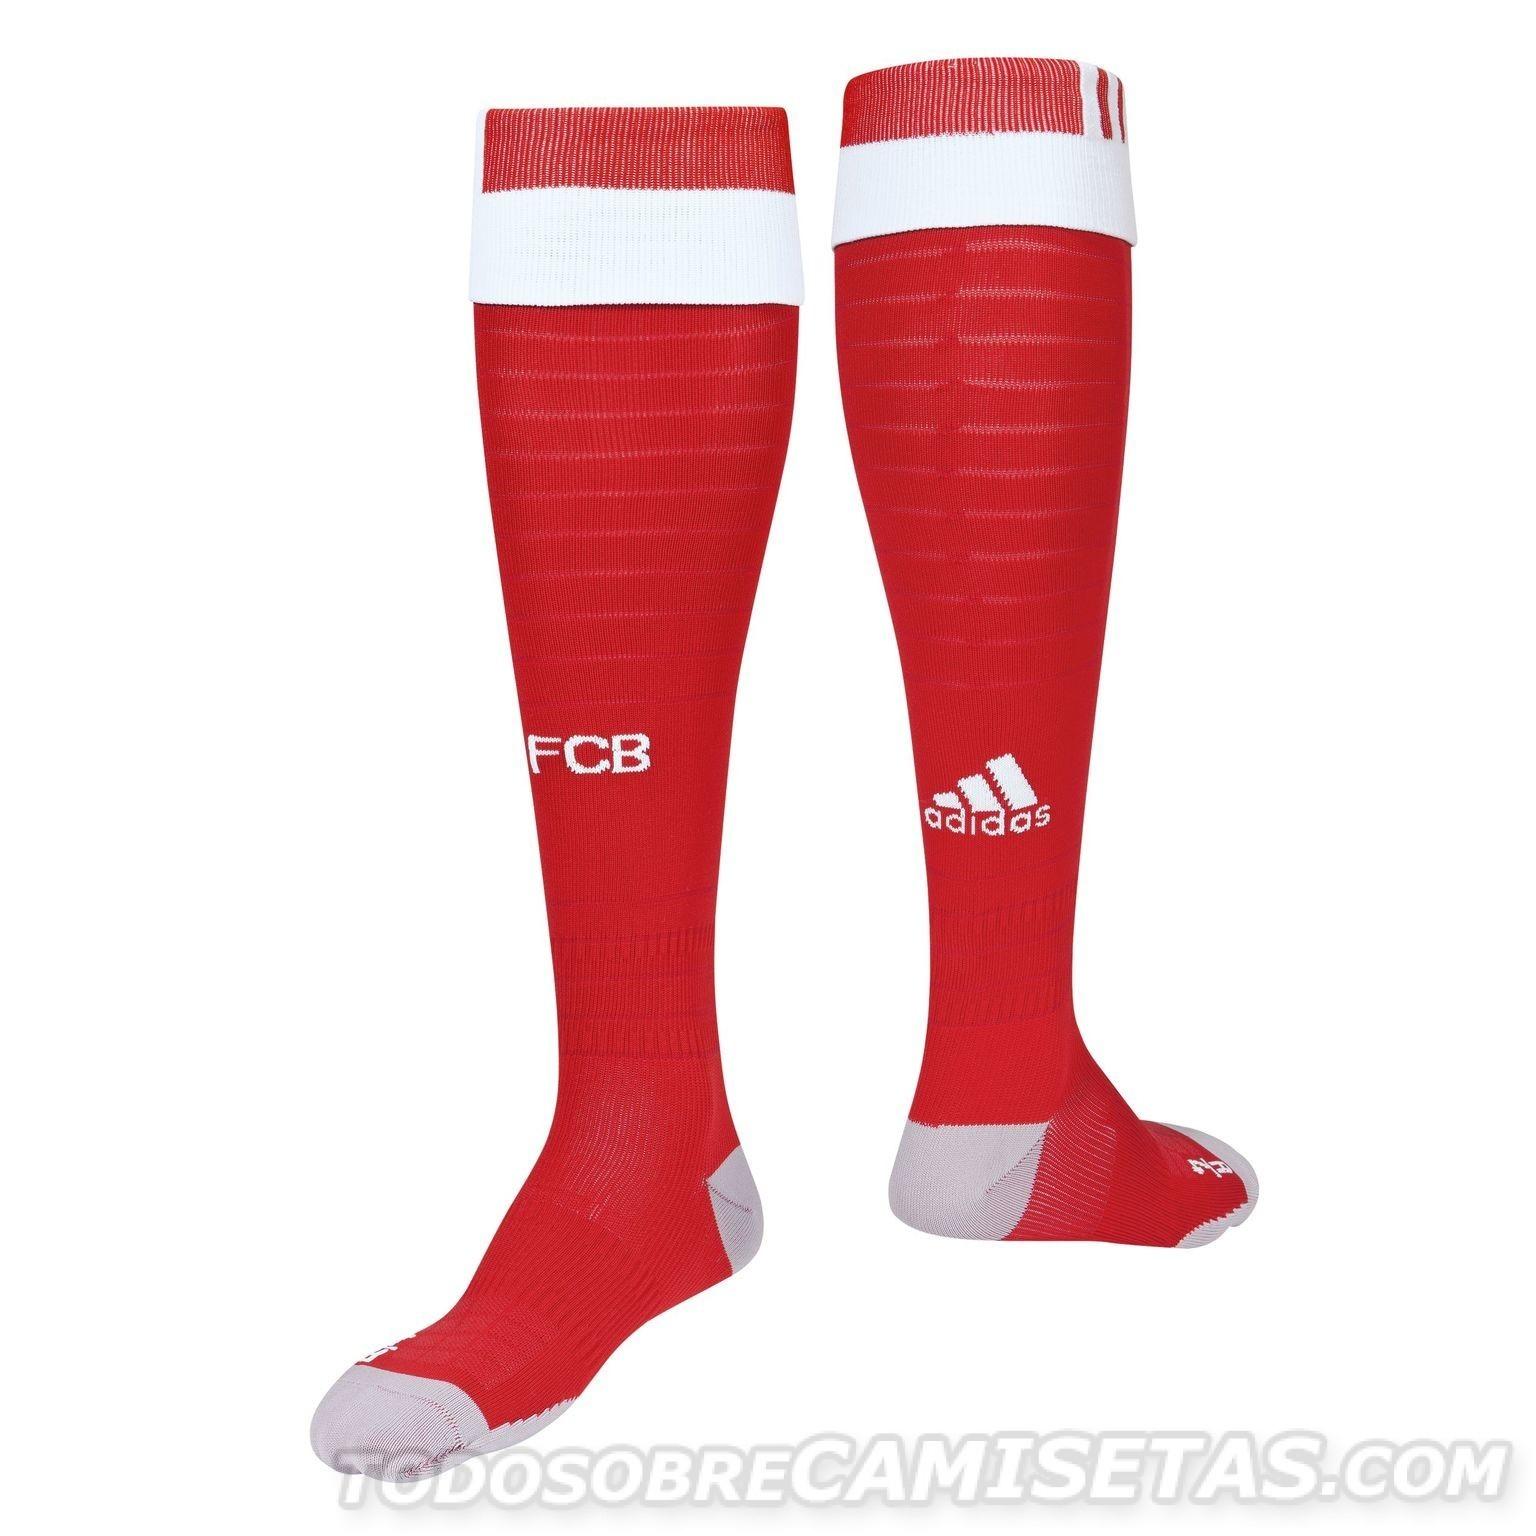 Bayern-Munich-2016-17-adidas-new-home-kit-12.jpg